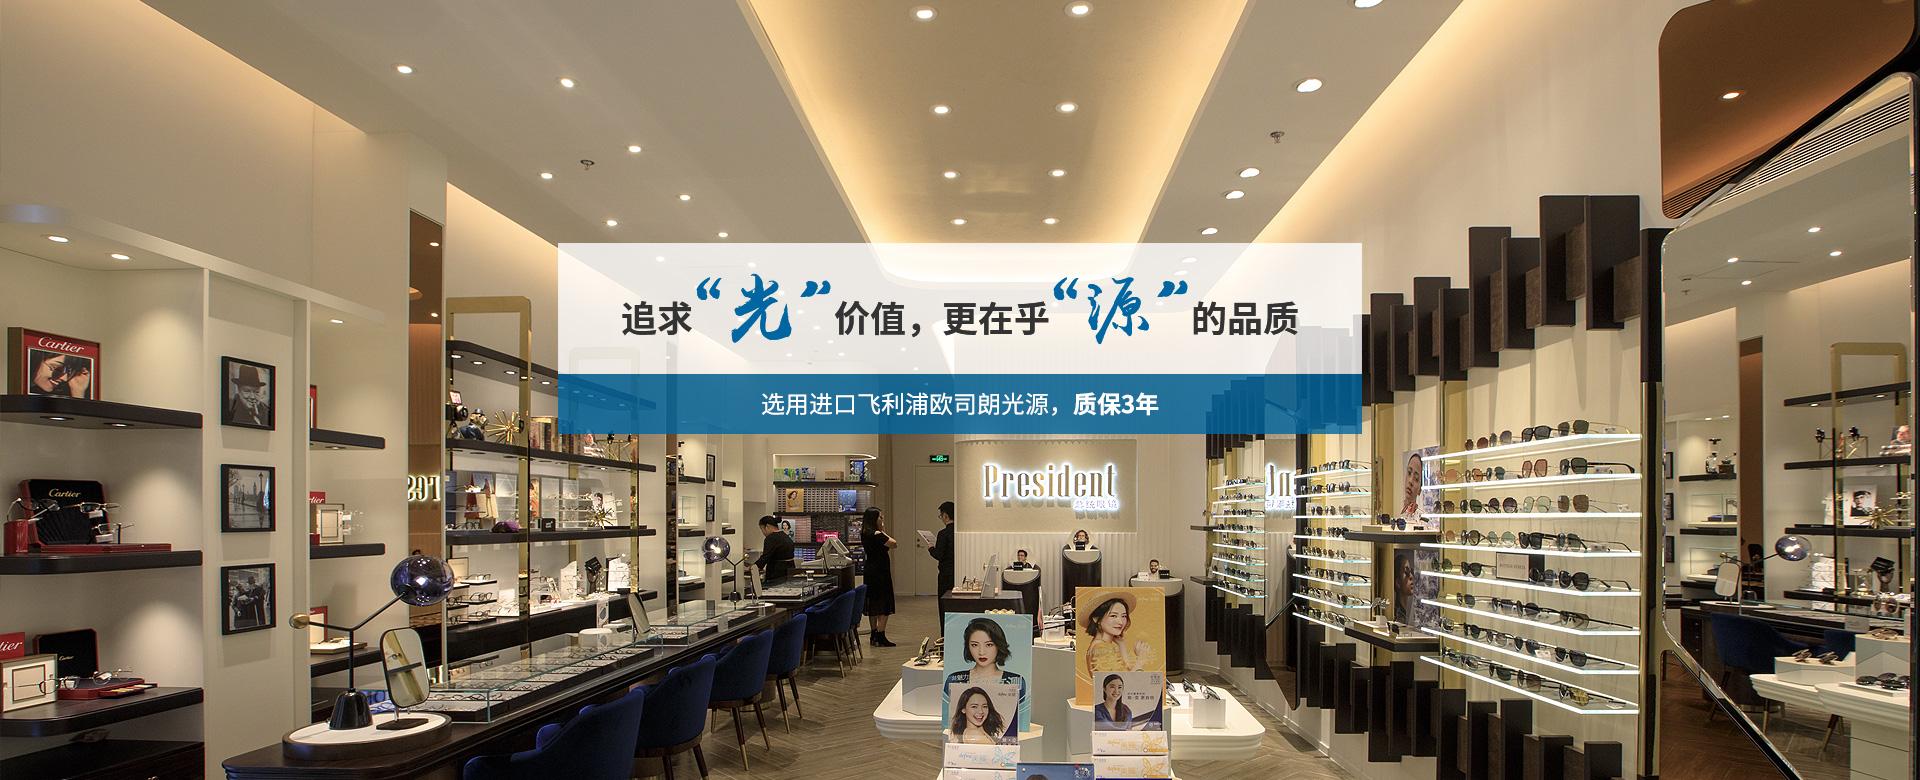 艺明王bob手机版官网